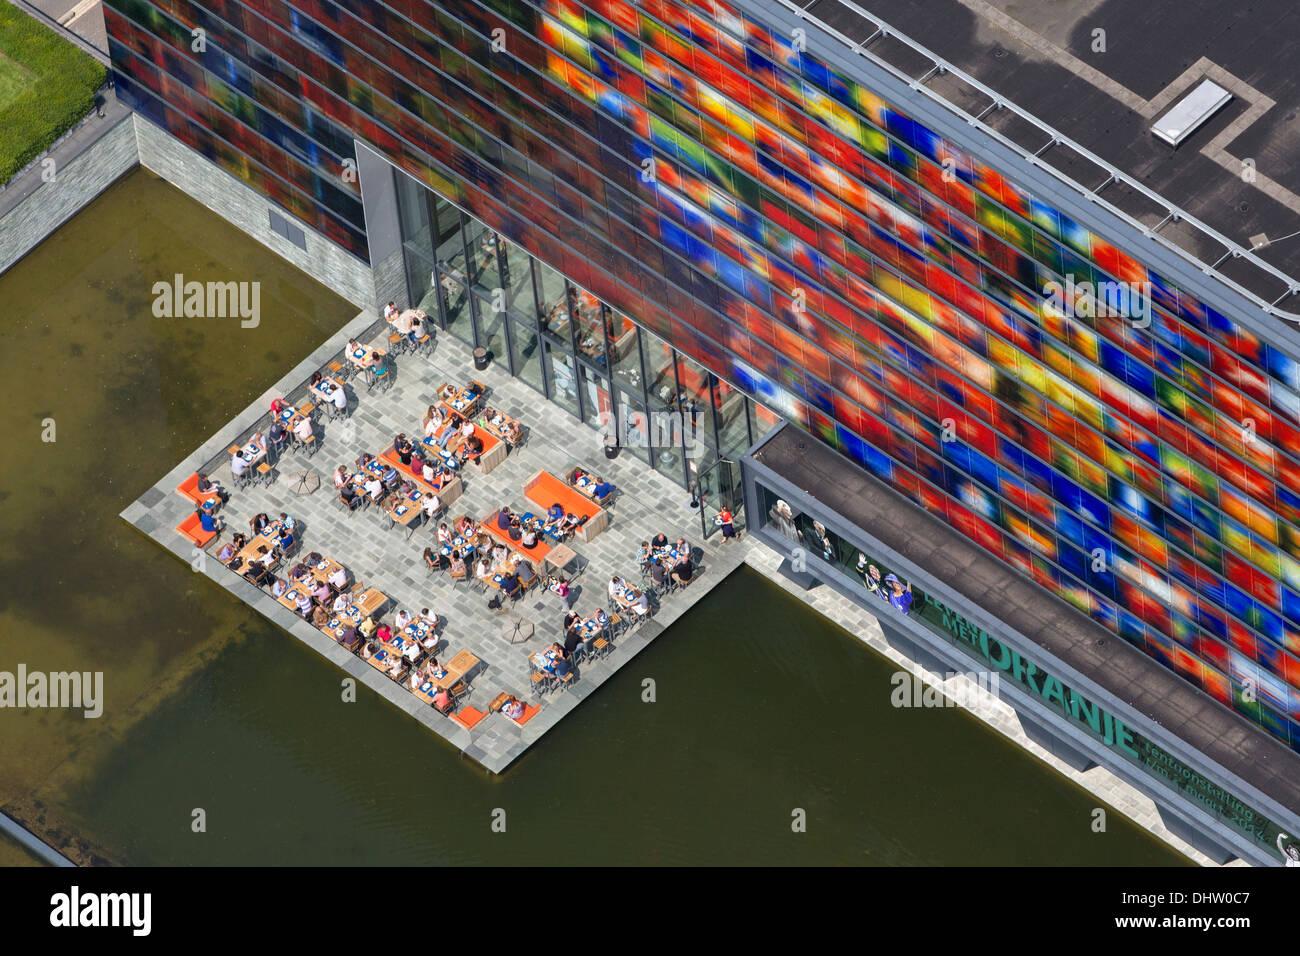 Paesi Bassi, Hilversum, Paesi Bassi Istituto per suono e visione nella zona per la cross media chiamato Mediapark. Antenna Immagini Stock